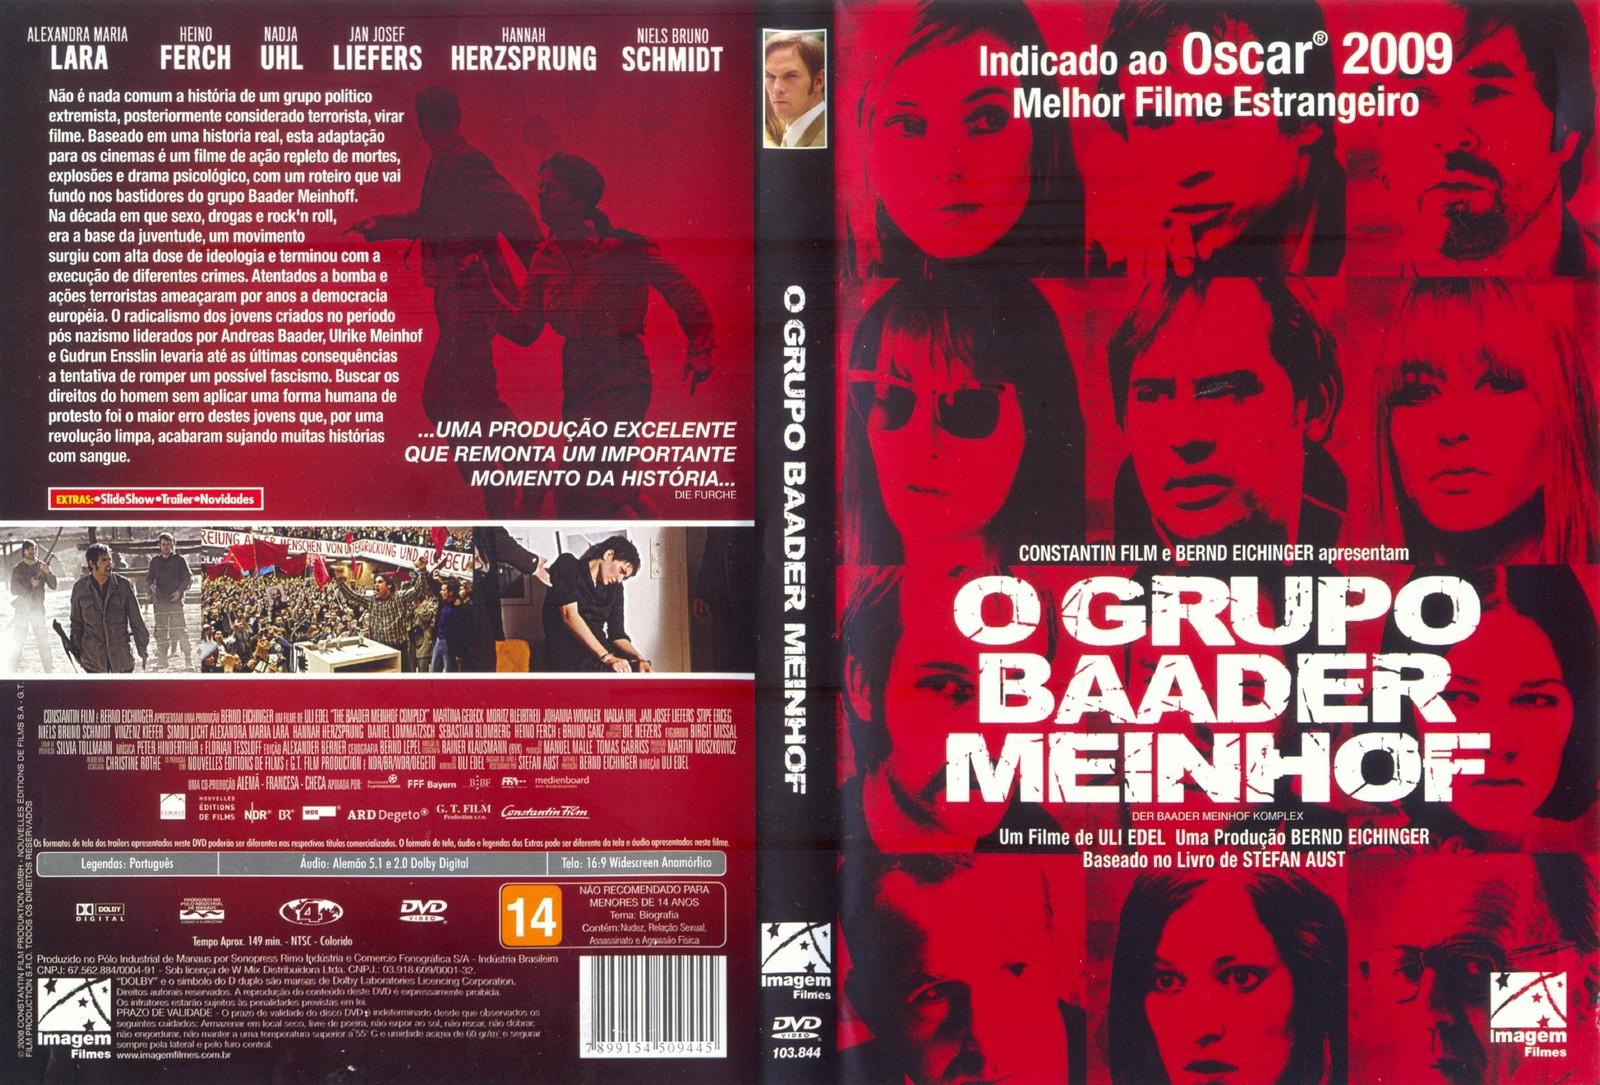 http://2.bp.blogspot.com/_WHxjd2HO-SQ/TESRzdFa8iI/AAAAAAAAAu0/O6MyJZCq77Q/s1600/O-Grupo-Baader-Meinhof.jpg